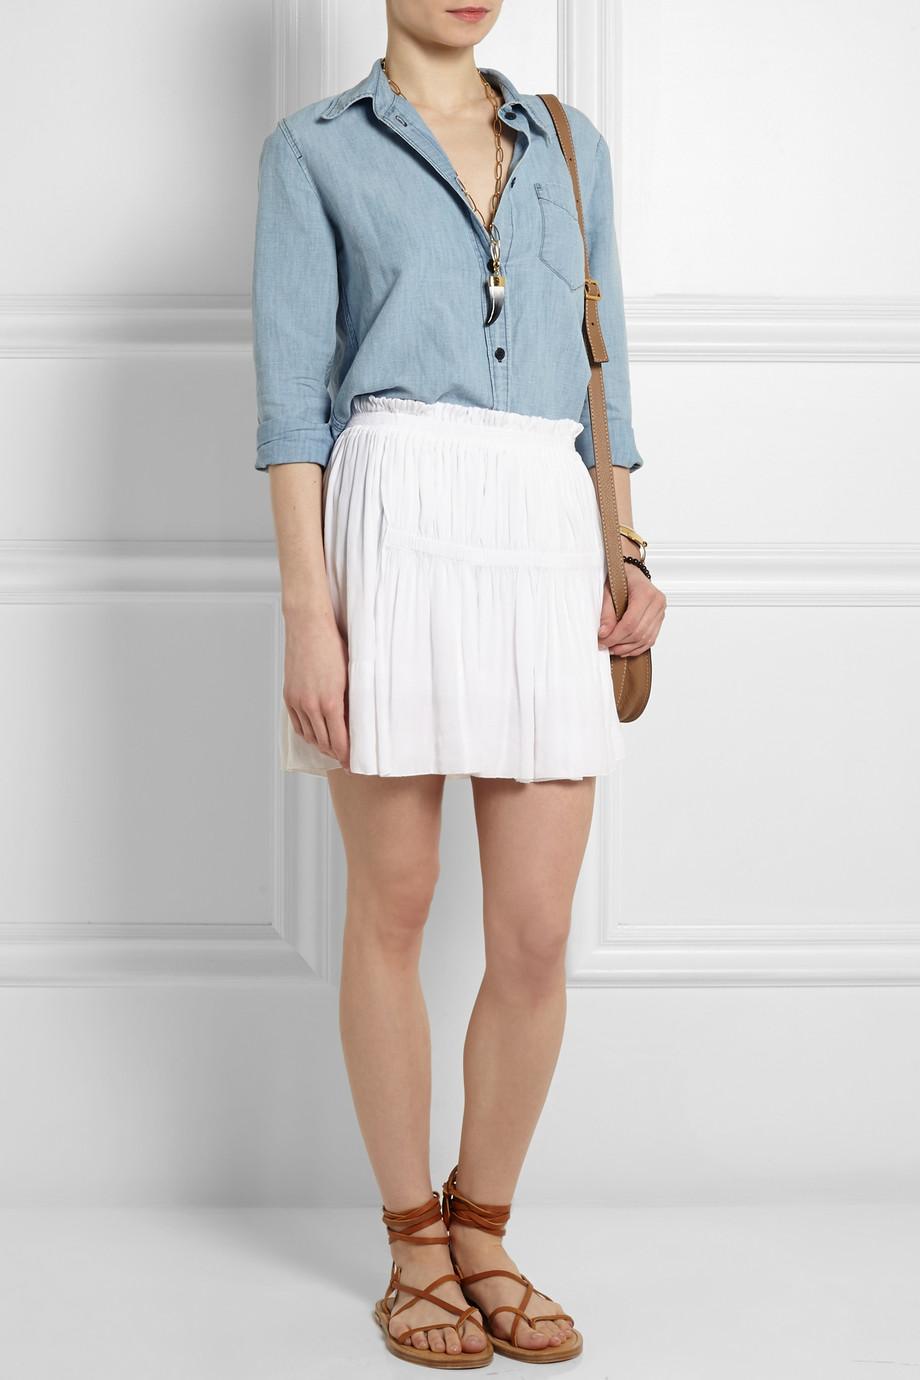 Mini skirt white + camel